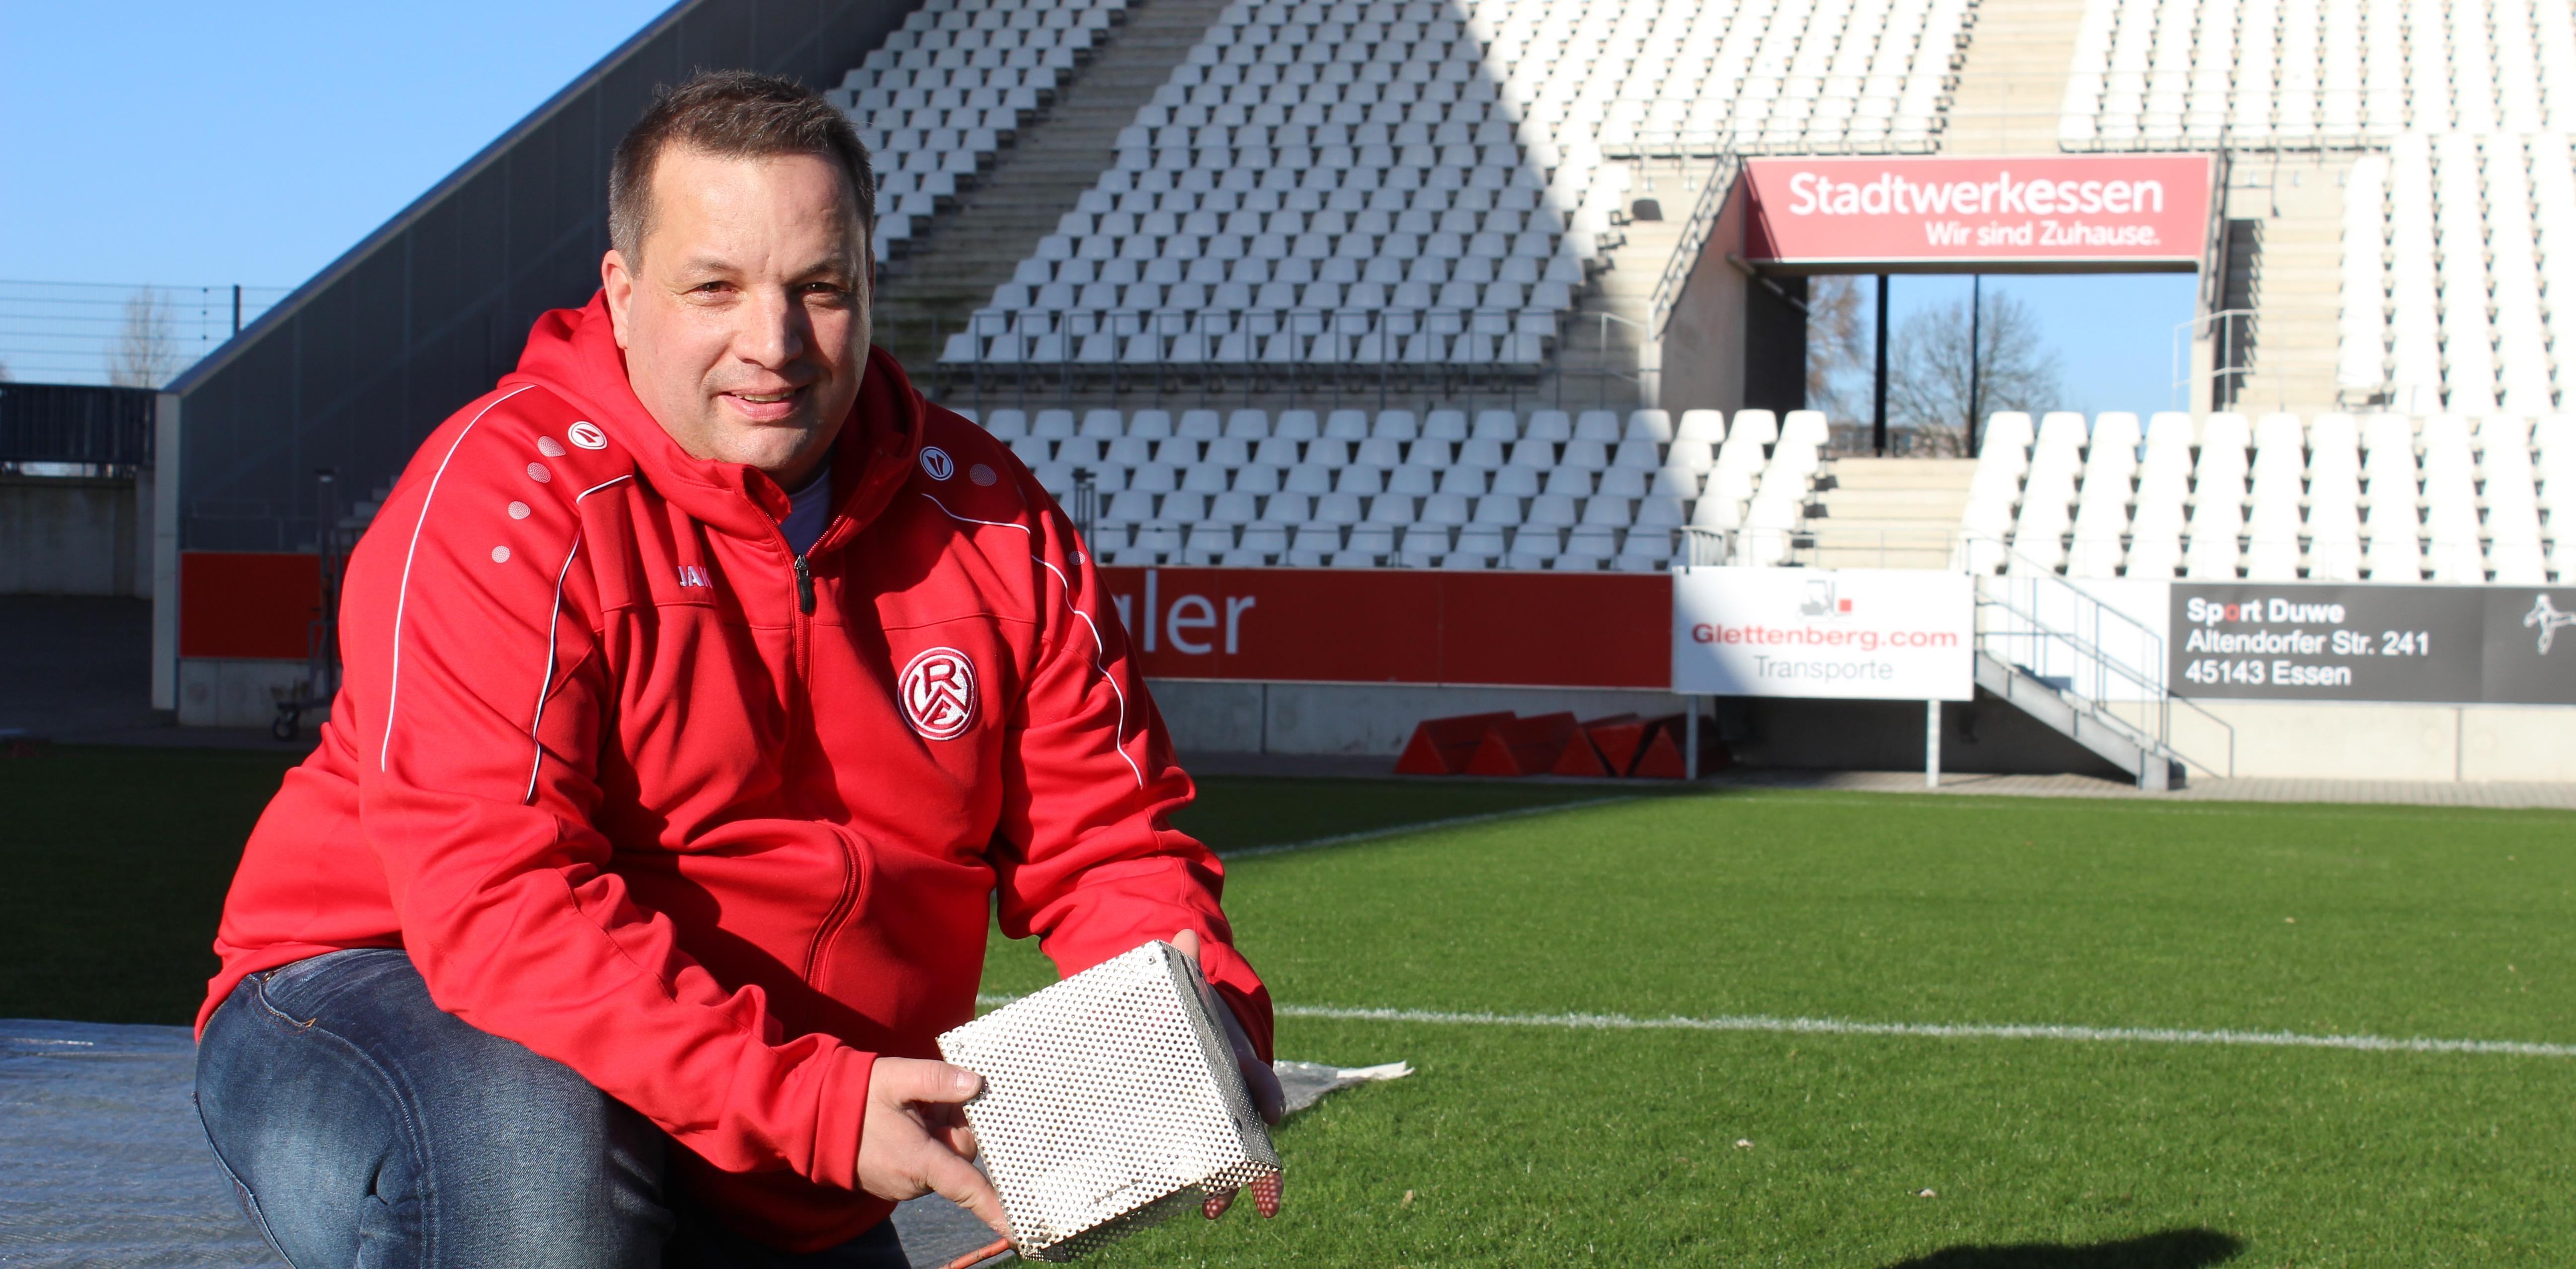 Ronny Kub, Greenkeeper im Stadion Essen, erklärt, wie die Rasenheizung funktioniert.